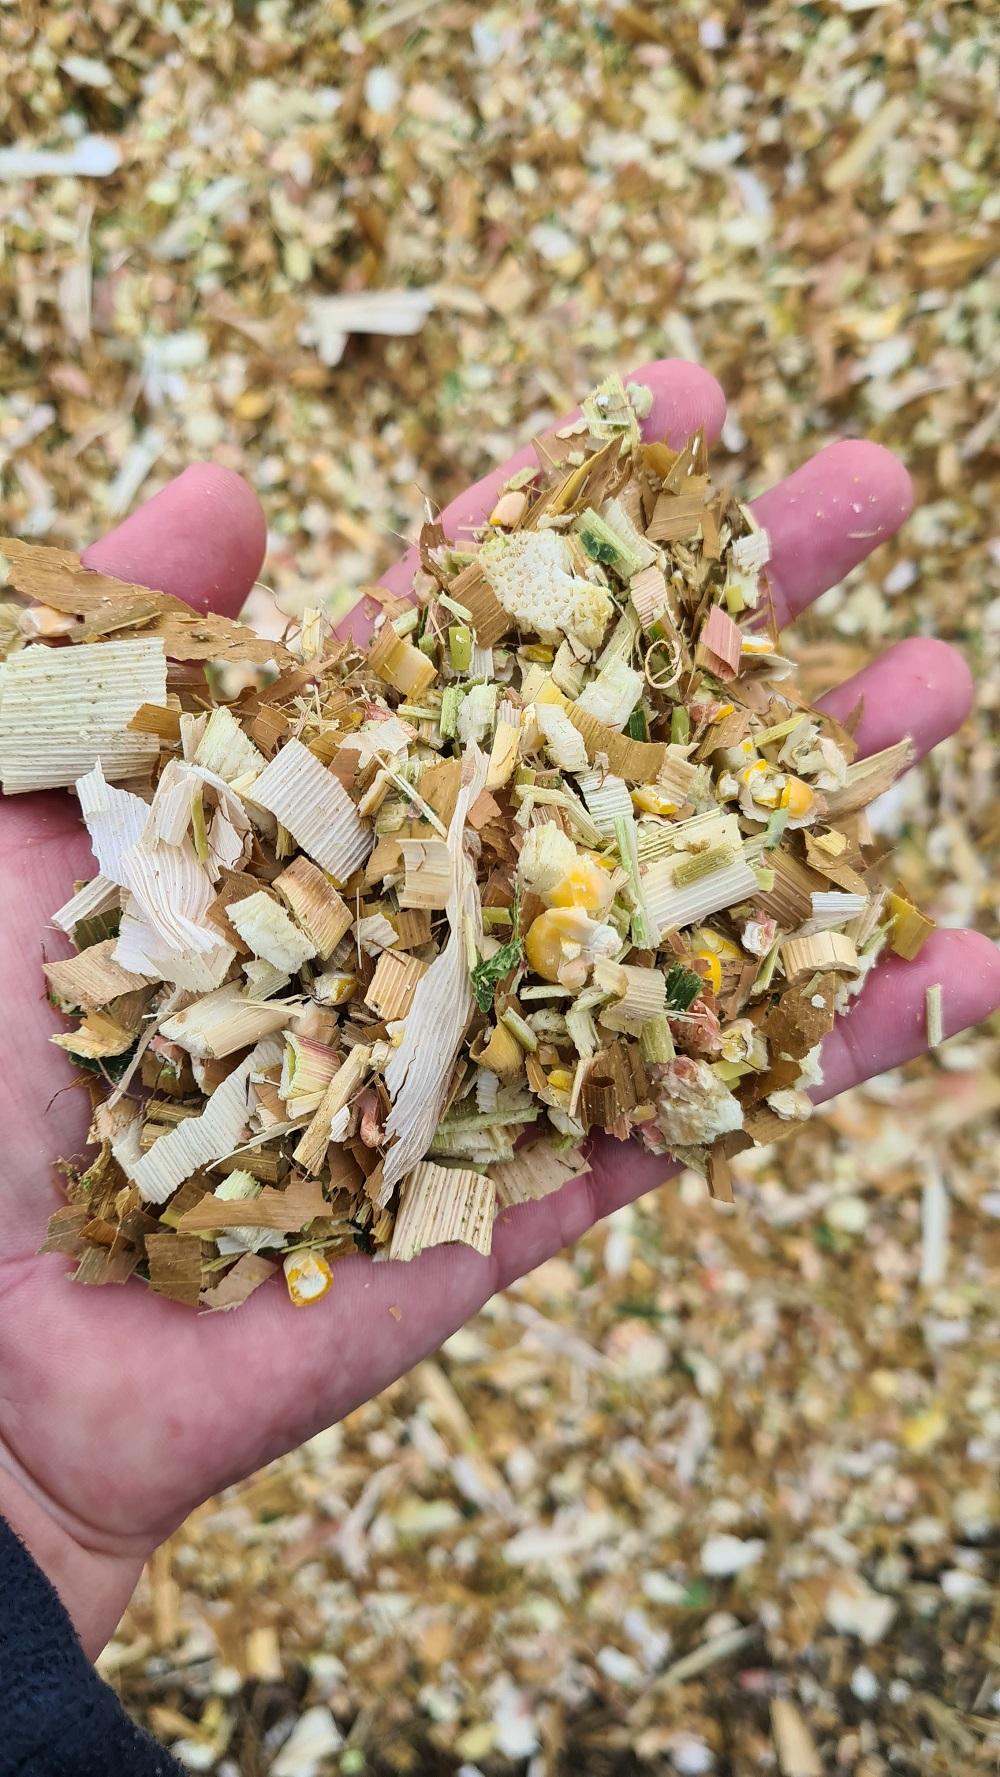 zu trockene gehächselte Maisprobe